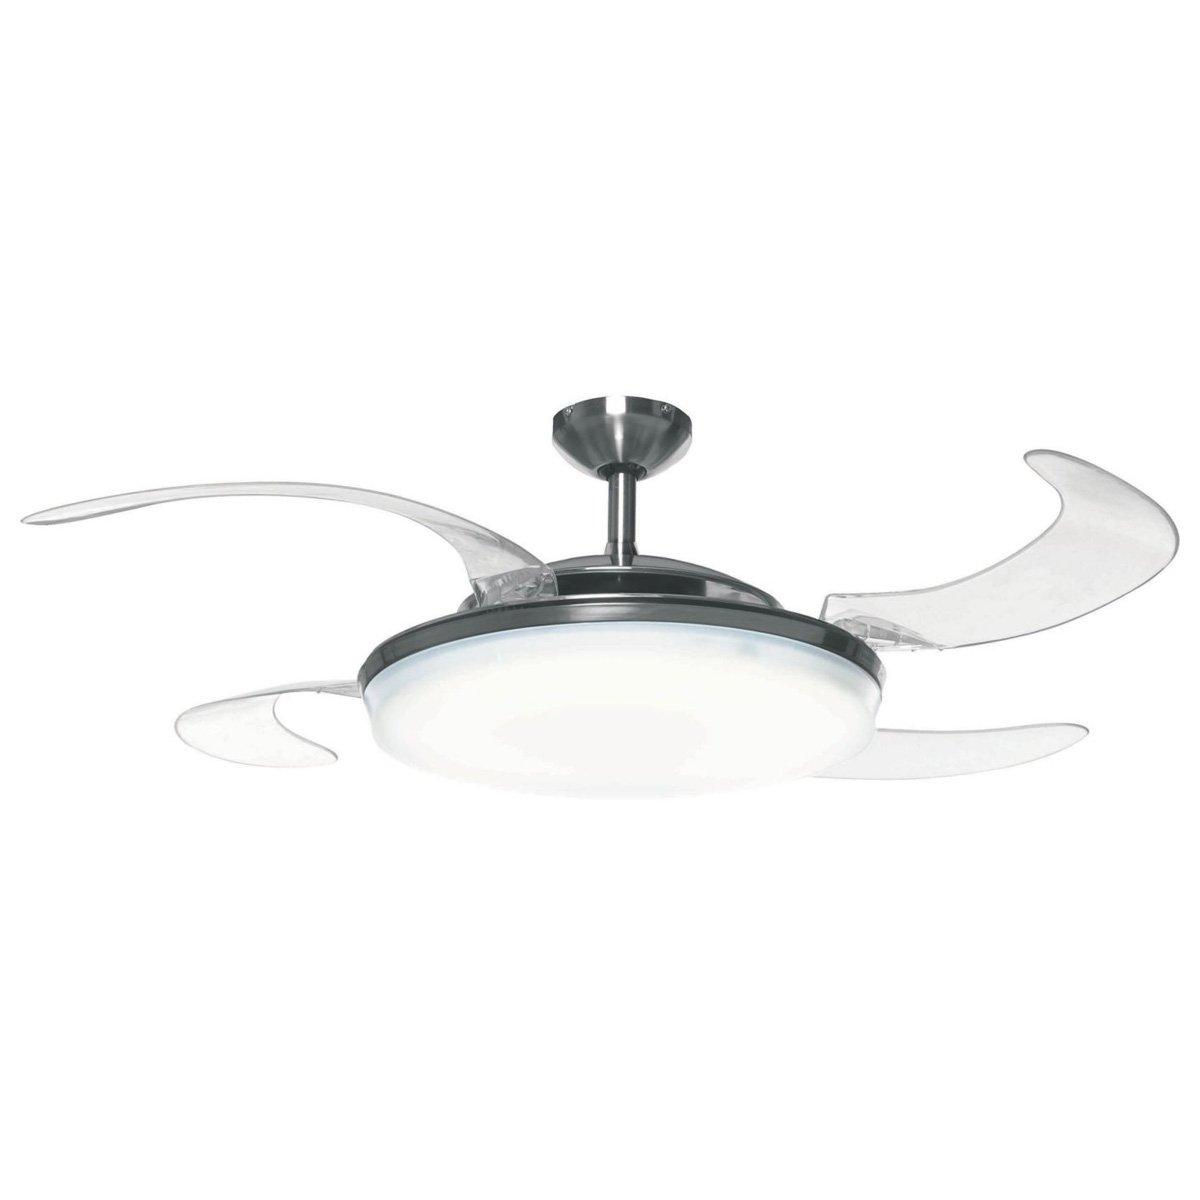 Lamp Fan: Retractable Blade Ceiling Fan / Pendant